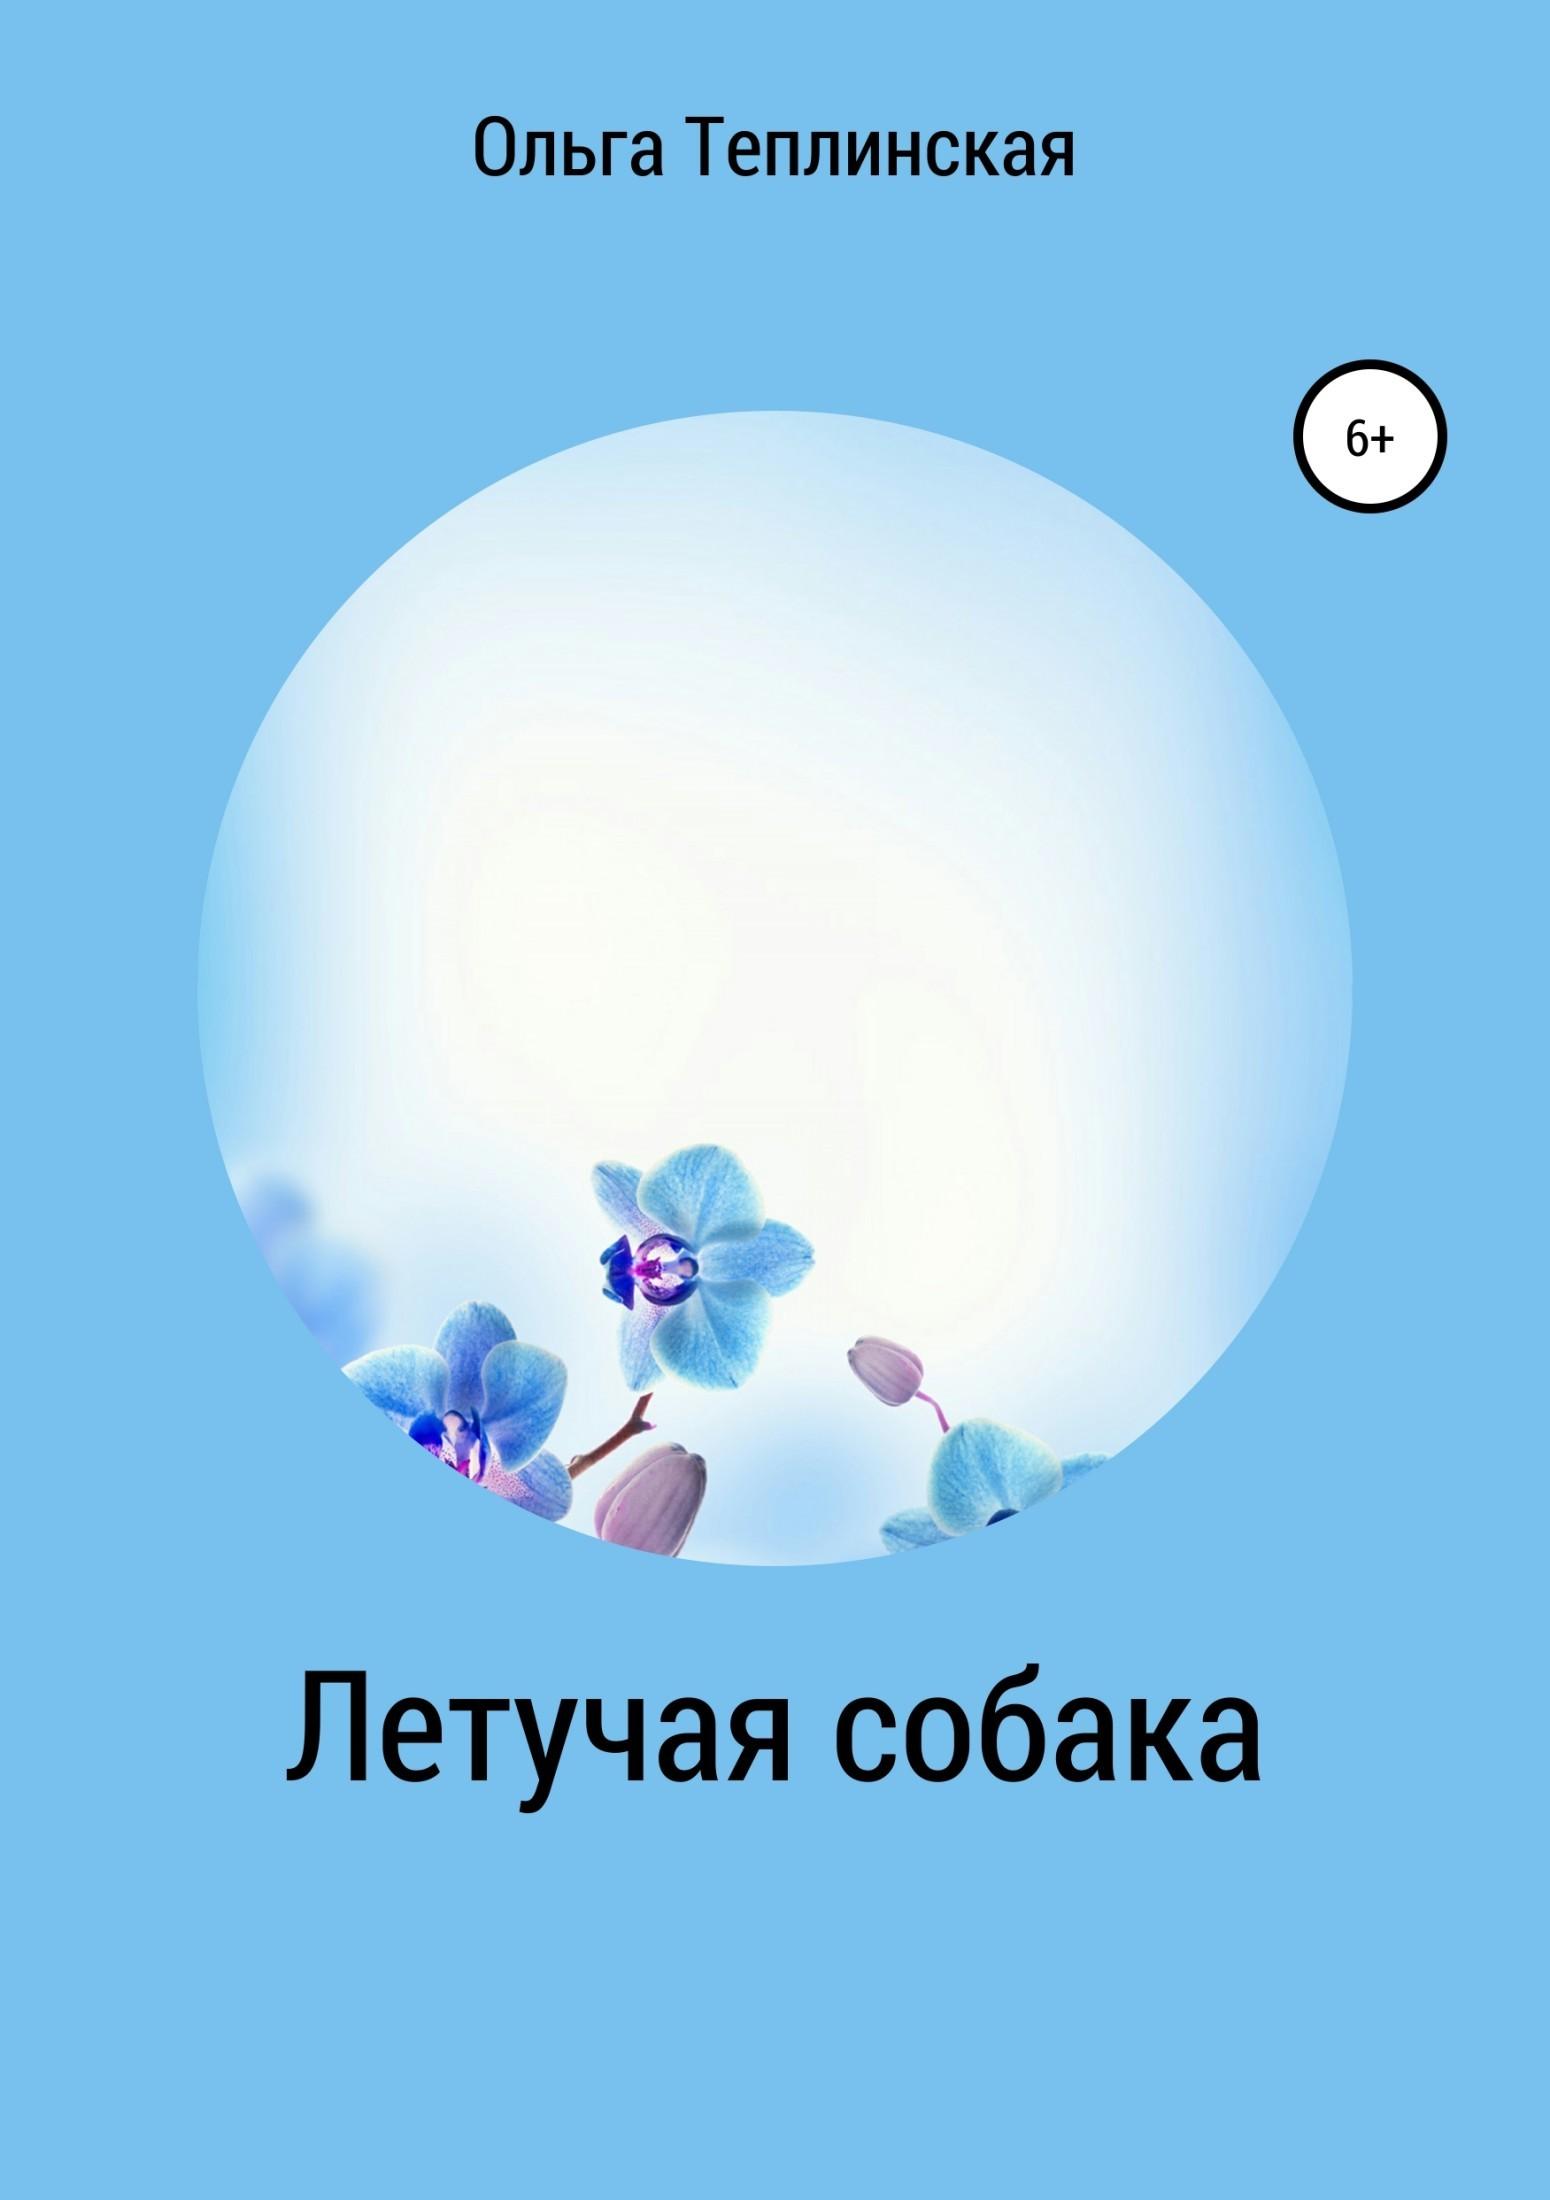 Ольга Теплинская - Летучая собака